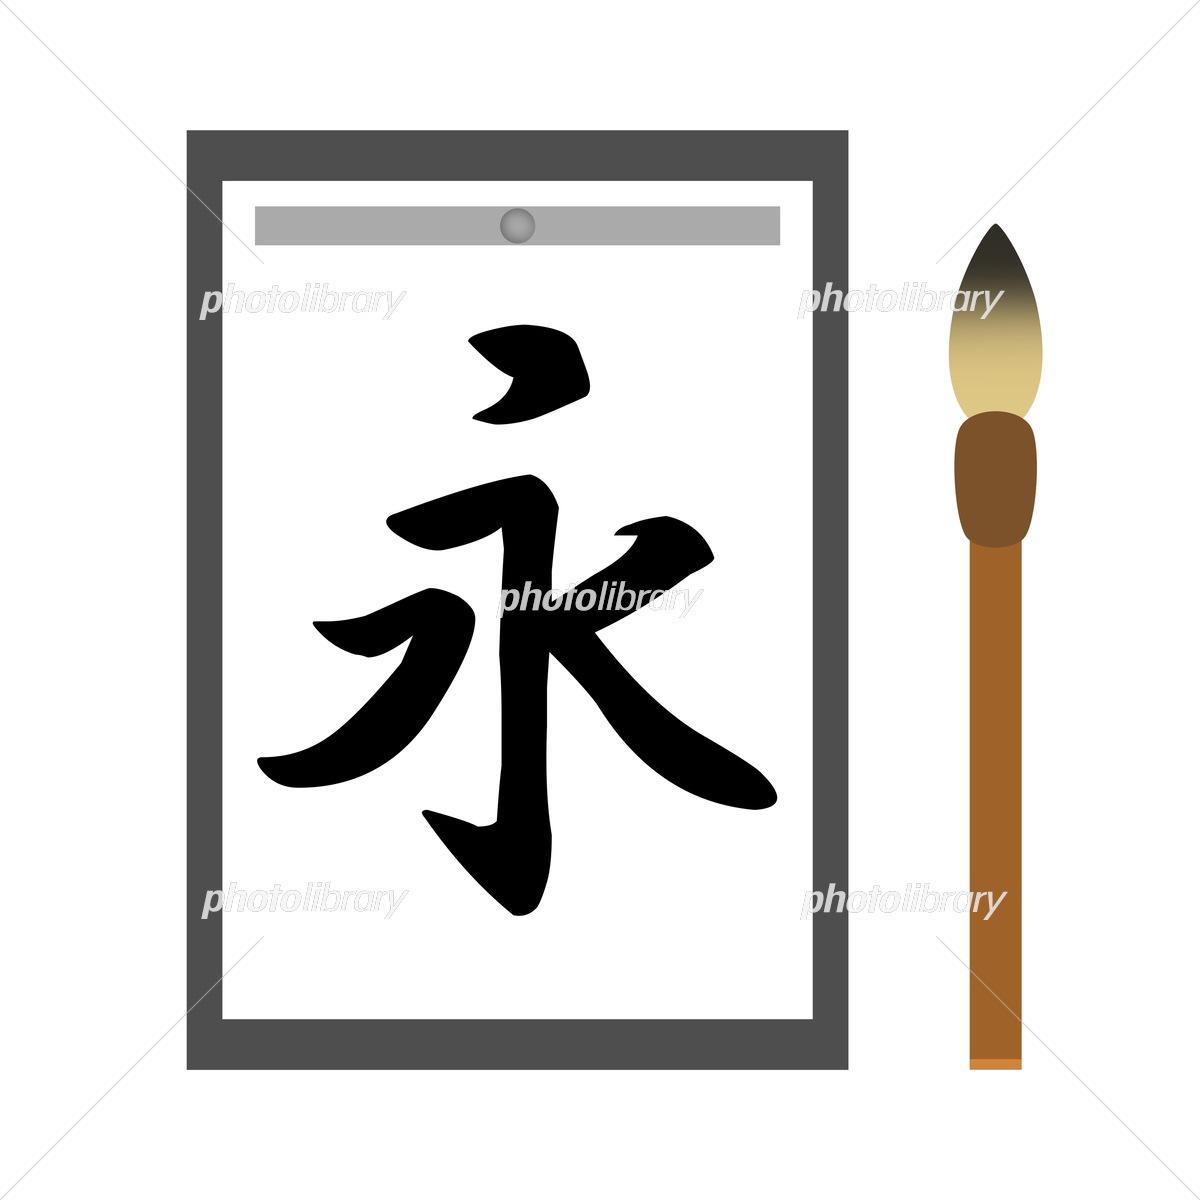 永字八法 イラスト素材 [ 6629717 ] - フォトライブラリー photolibrary